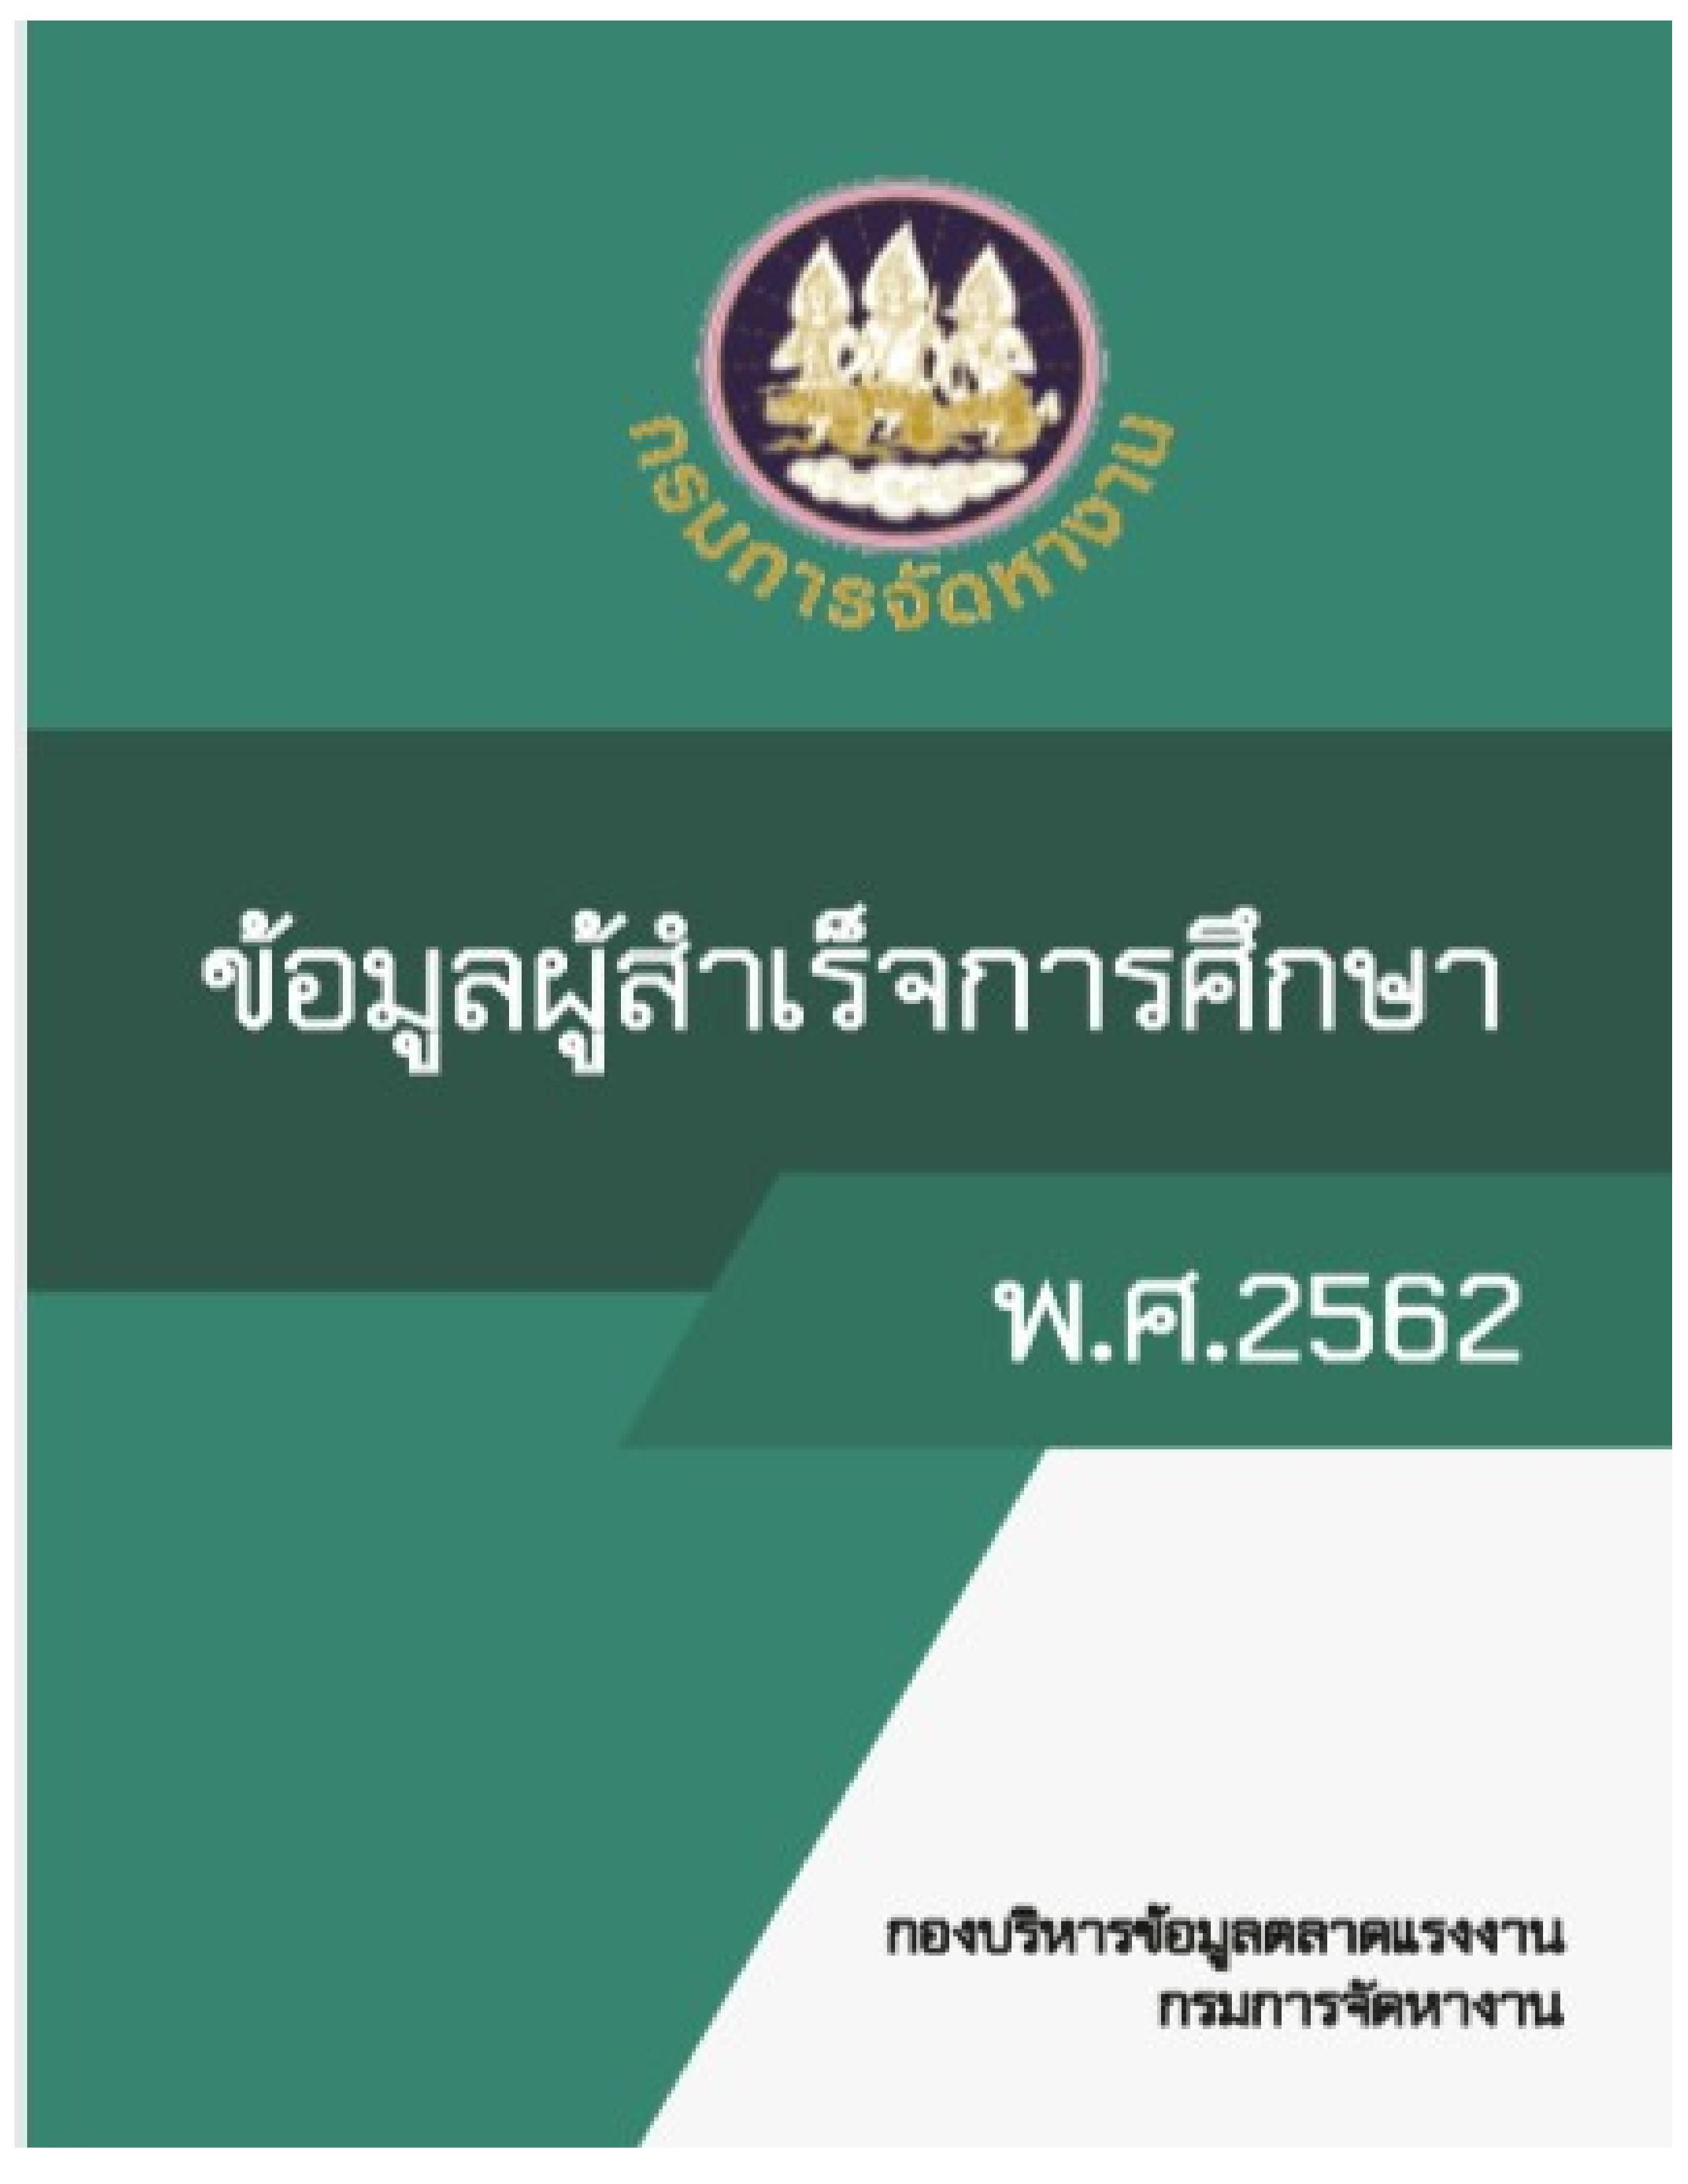 ปกหนังสือข้อมูลผู้สำเร็จการศึกษา 2562